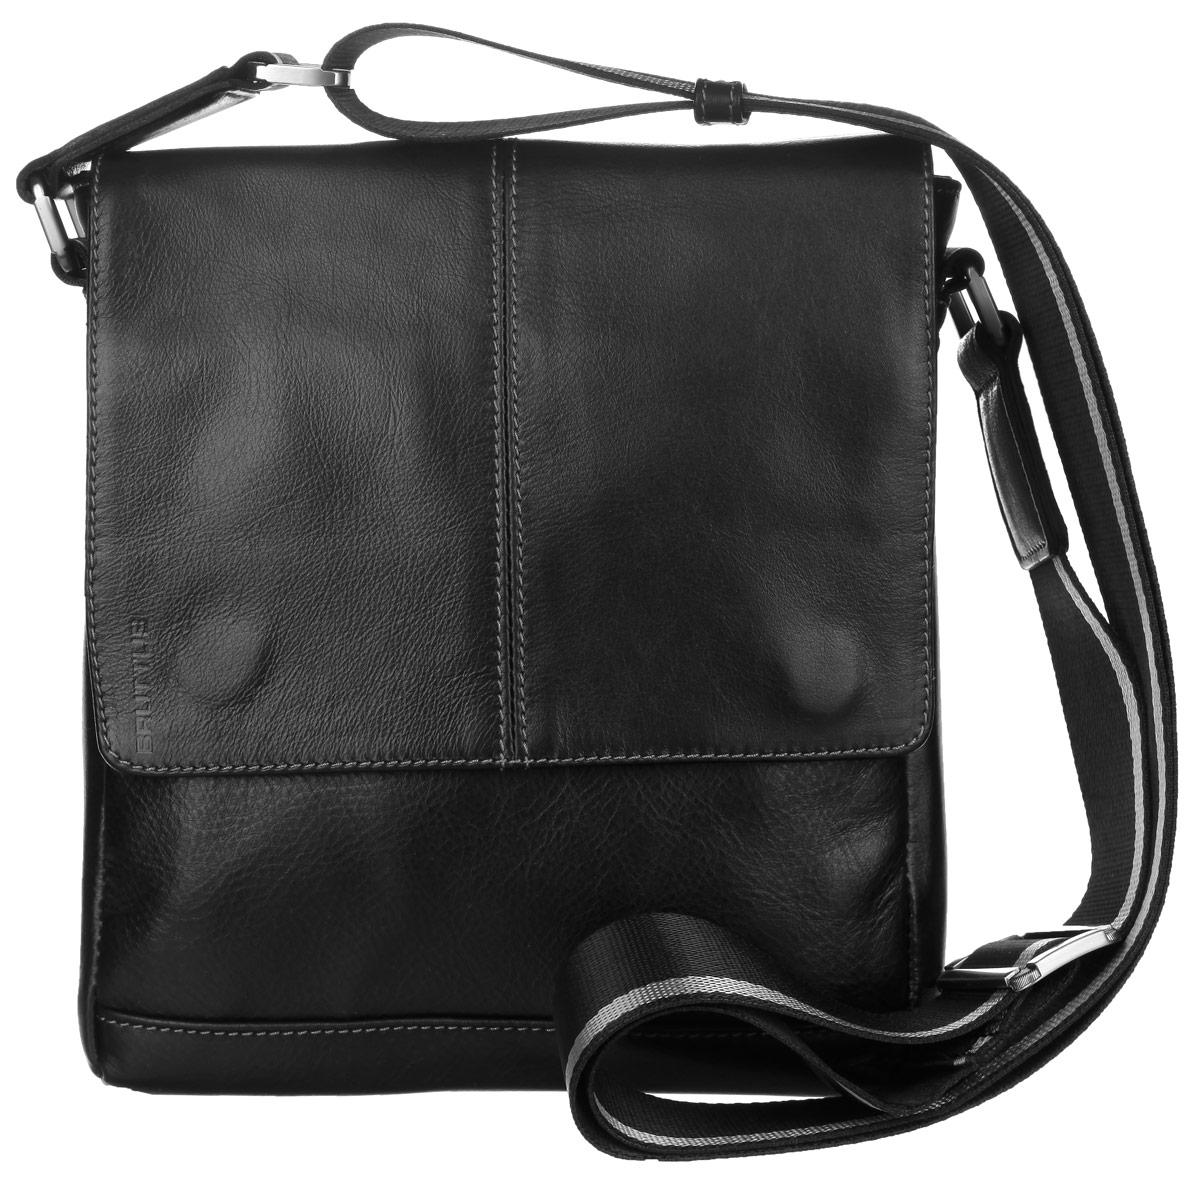 Сумка мужская Bruttus, цвет: черный. 937937Стильная мужская сумка Bruttus изготовлена из натуральной кожи с фактурным тиснением. Модель имеет одно основное отделение, которое закрывается на застежку-молнию и сверху широким клапаном на магнитах. Внутри имеется два открытых кармашка для телефона и мелочей и прорезной карман на застежке- молнии. Снаружи на передней стенке под клапаном располагается пришивной карман. На задней стенке находится прорезной карман на застежке-молнии. Изделие оснащено текстильным плечевым ремнем, который регулируется по длине. Сумка упакована в фирменный чехол. Сумка Bruttus поможет вам подчеркнуть чувство стиля и завершить выбранный образ.